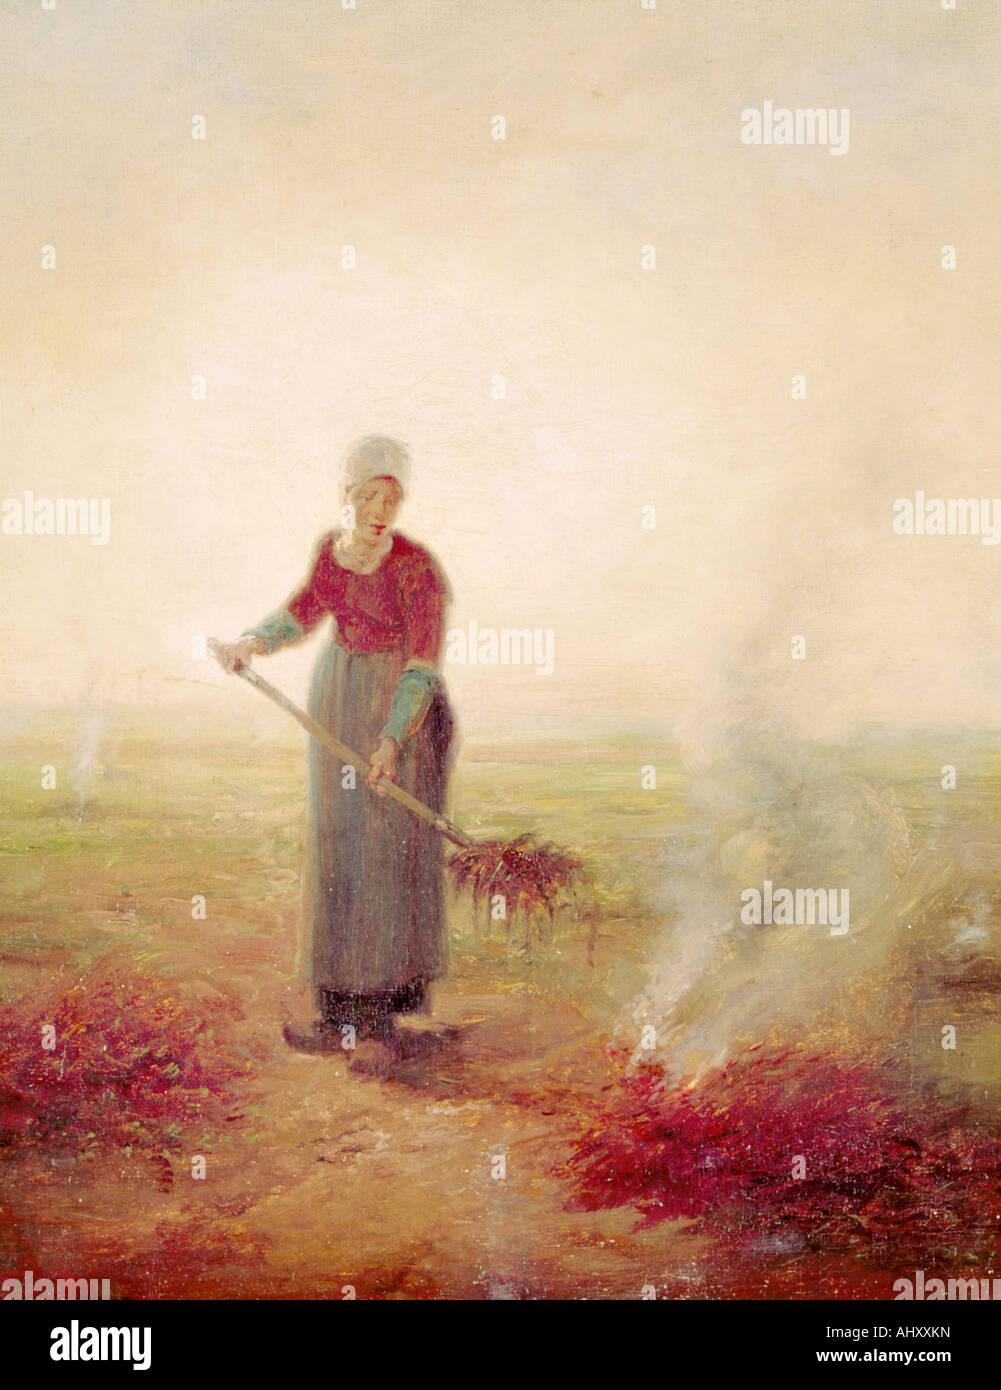 Bellas artes, mijo, Jean-Francois (1814 - 1875), pintura, joven farmgirl, Musée d'art et d'histoire, Ginebra, Francés, Foto de stock